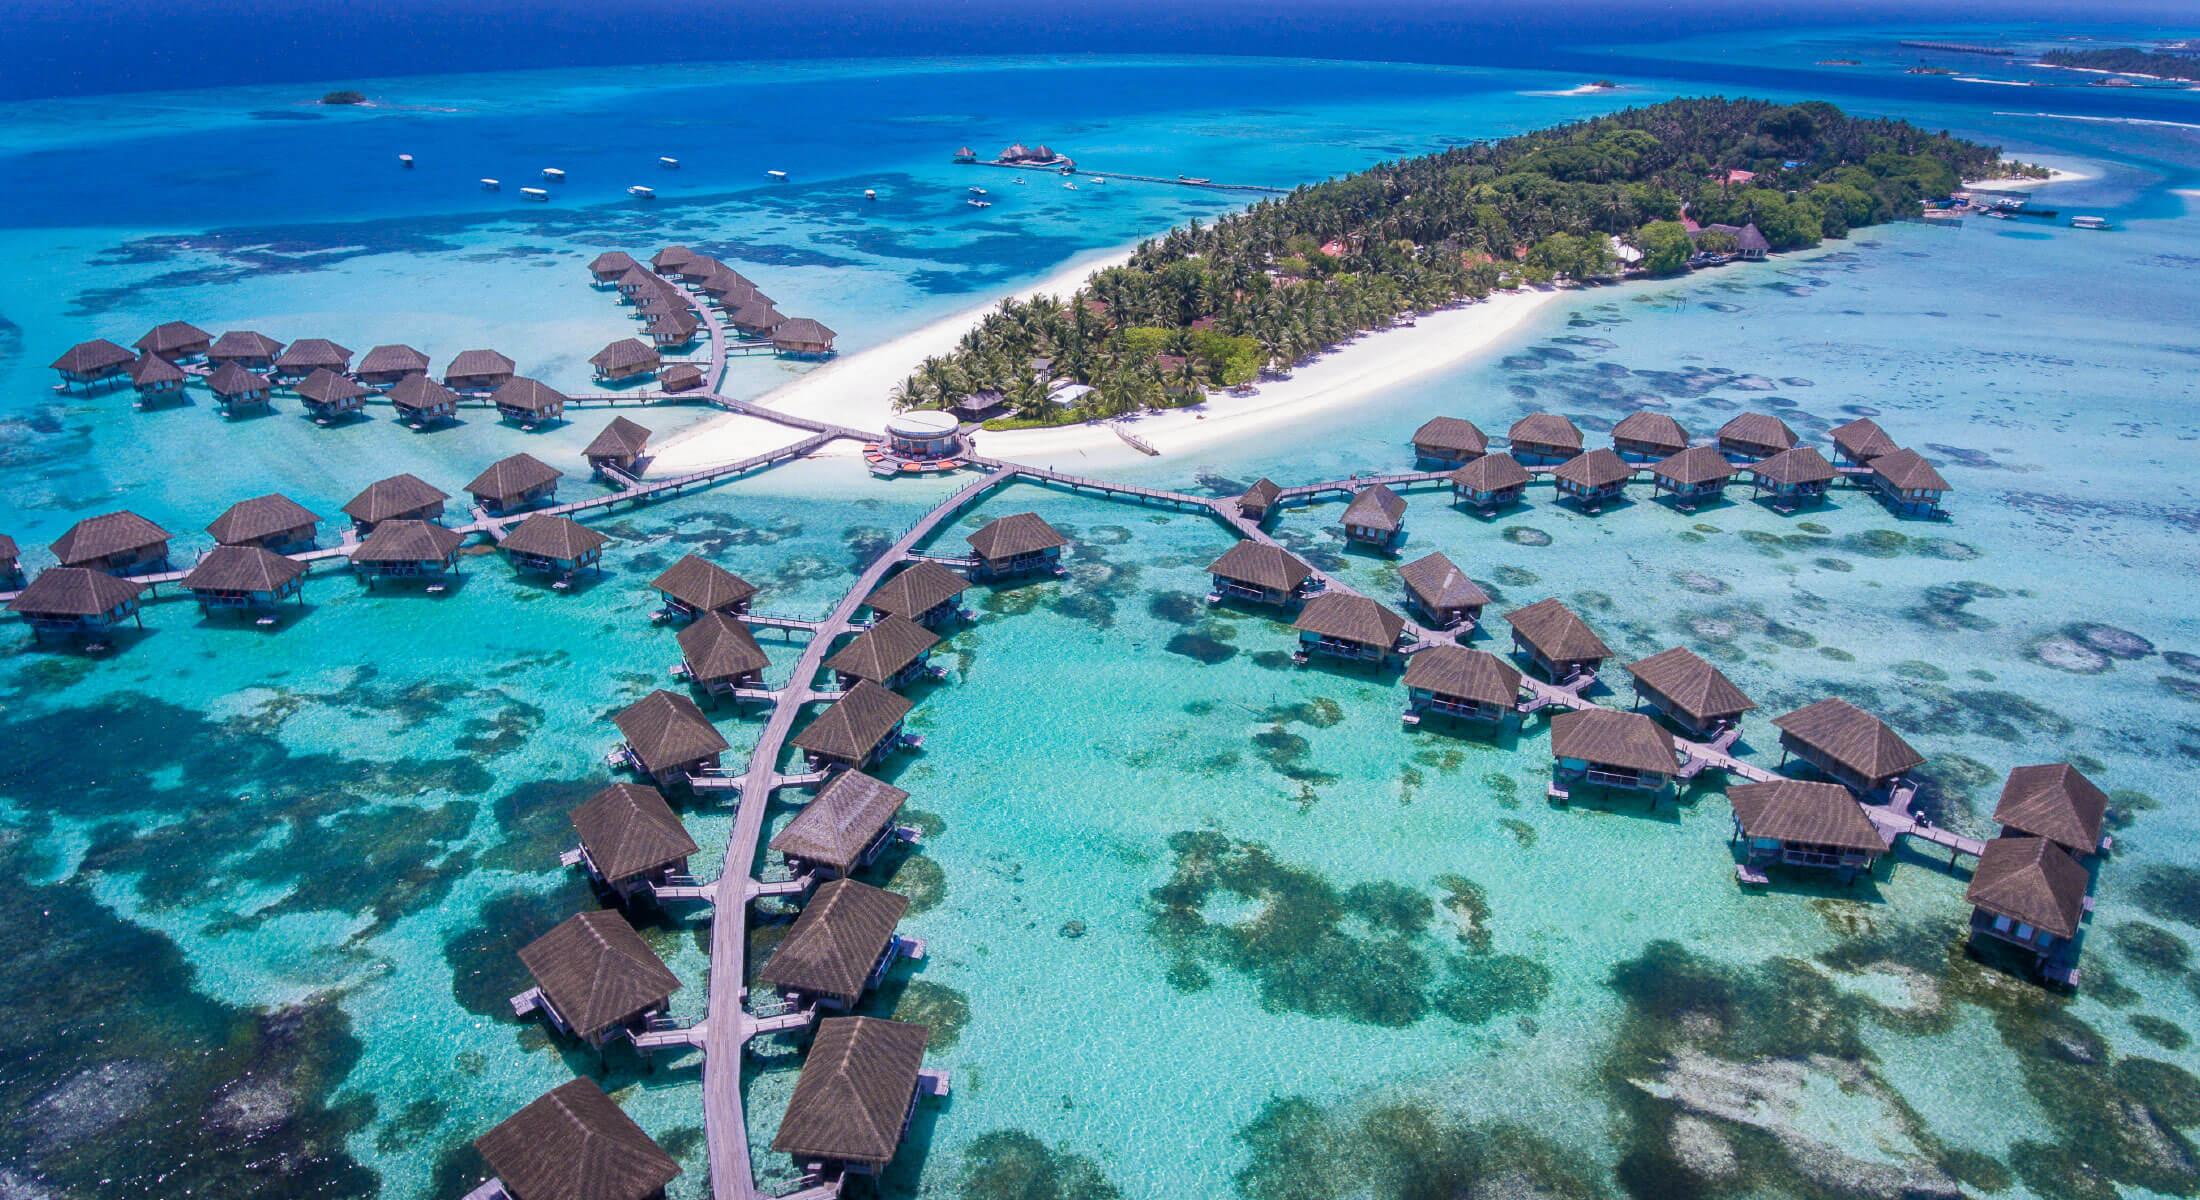 Overwater villas on an island resort in the Indian Ocean